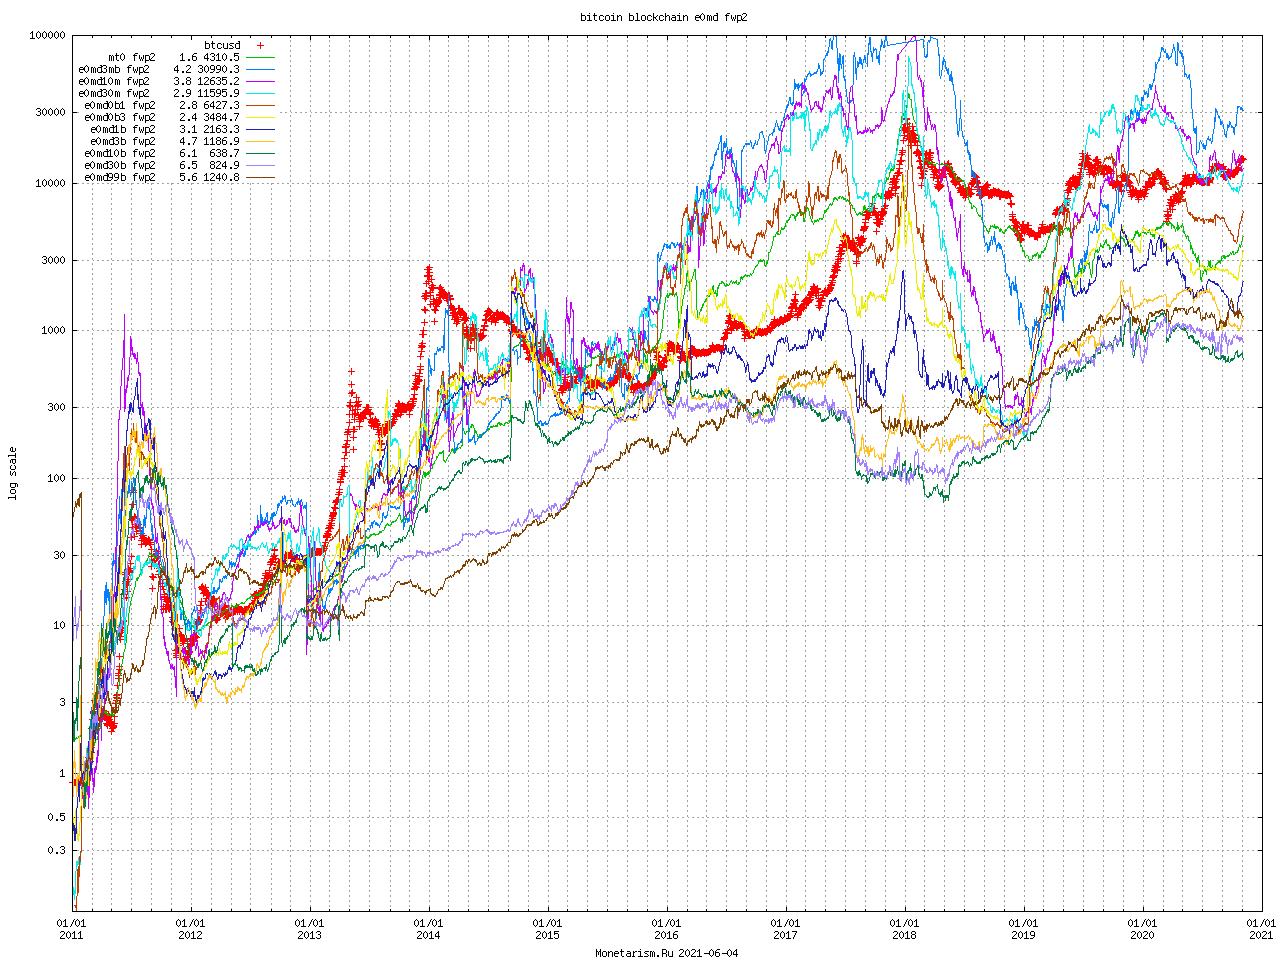 Bitcoin Blockchain e0md fwp2